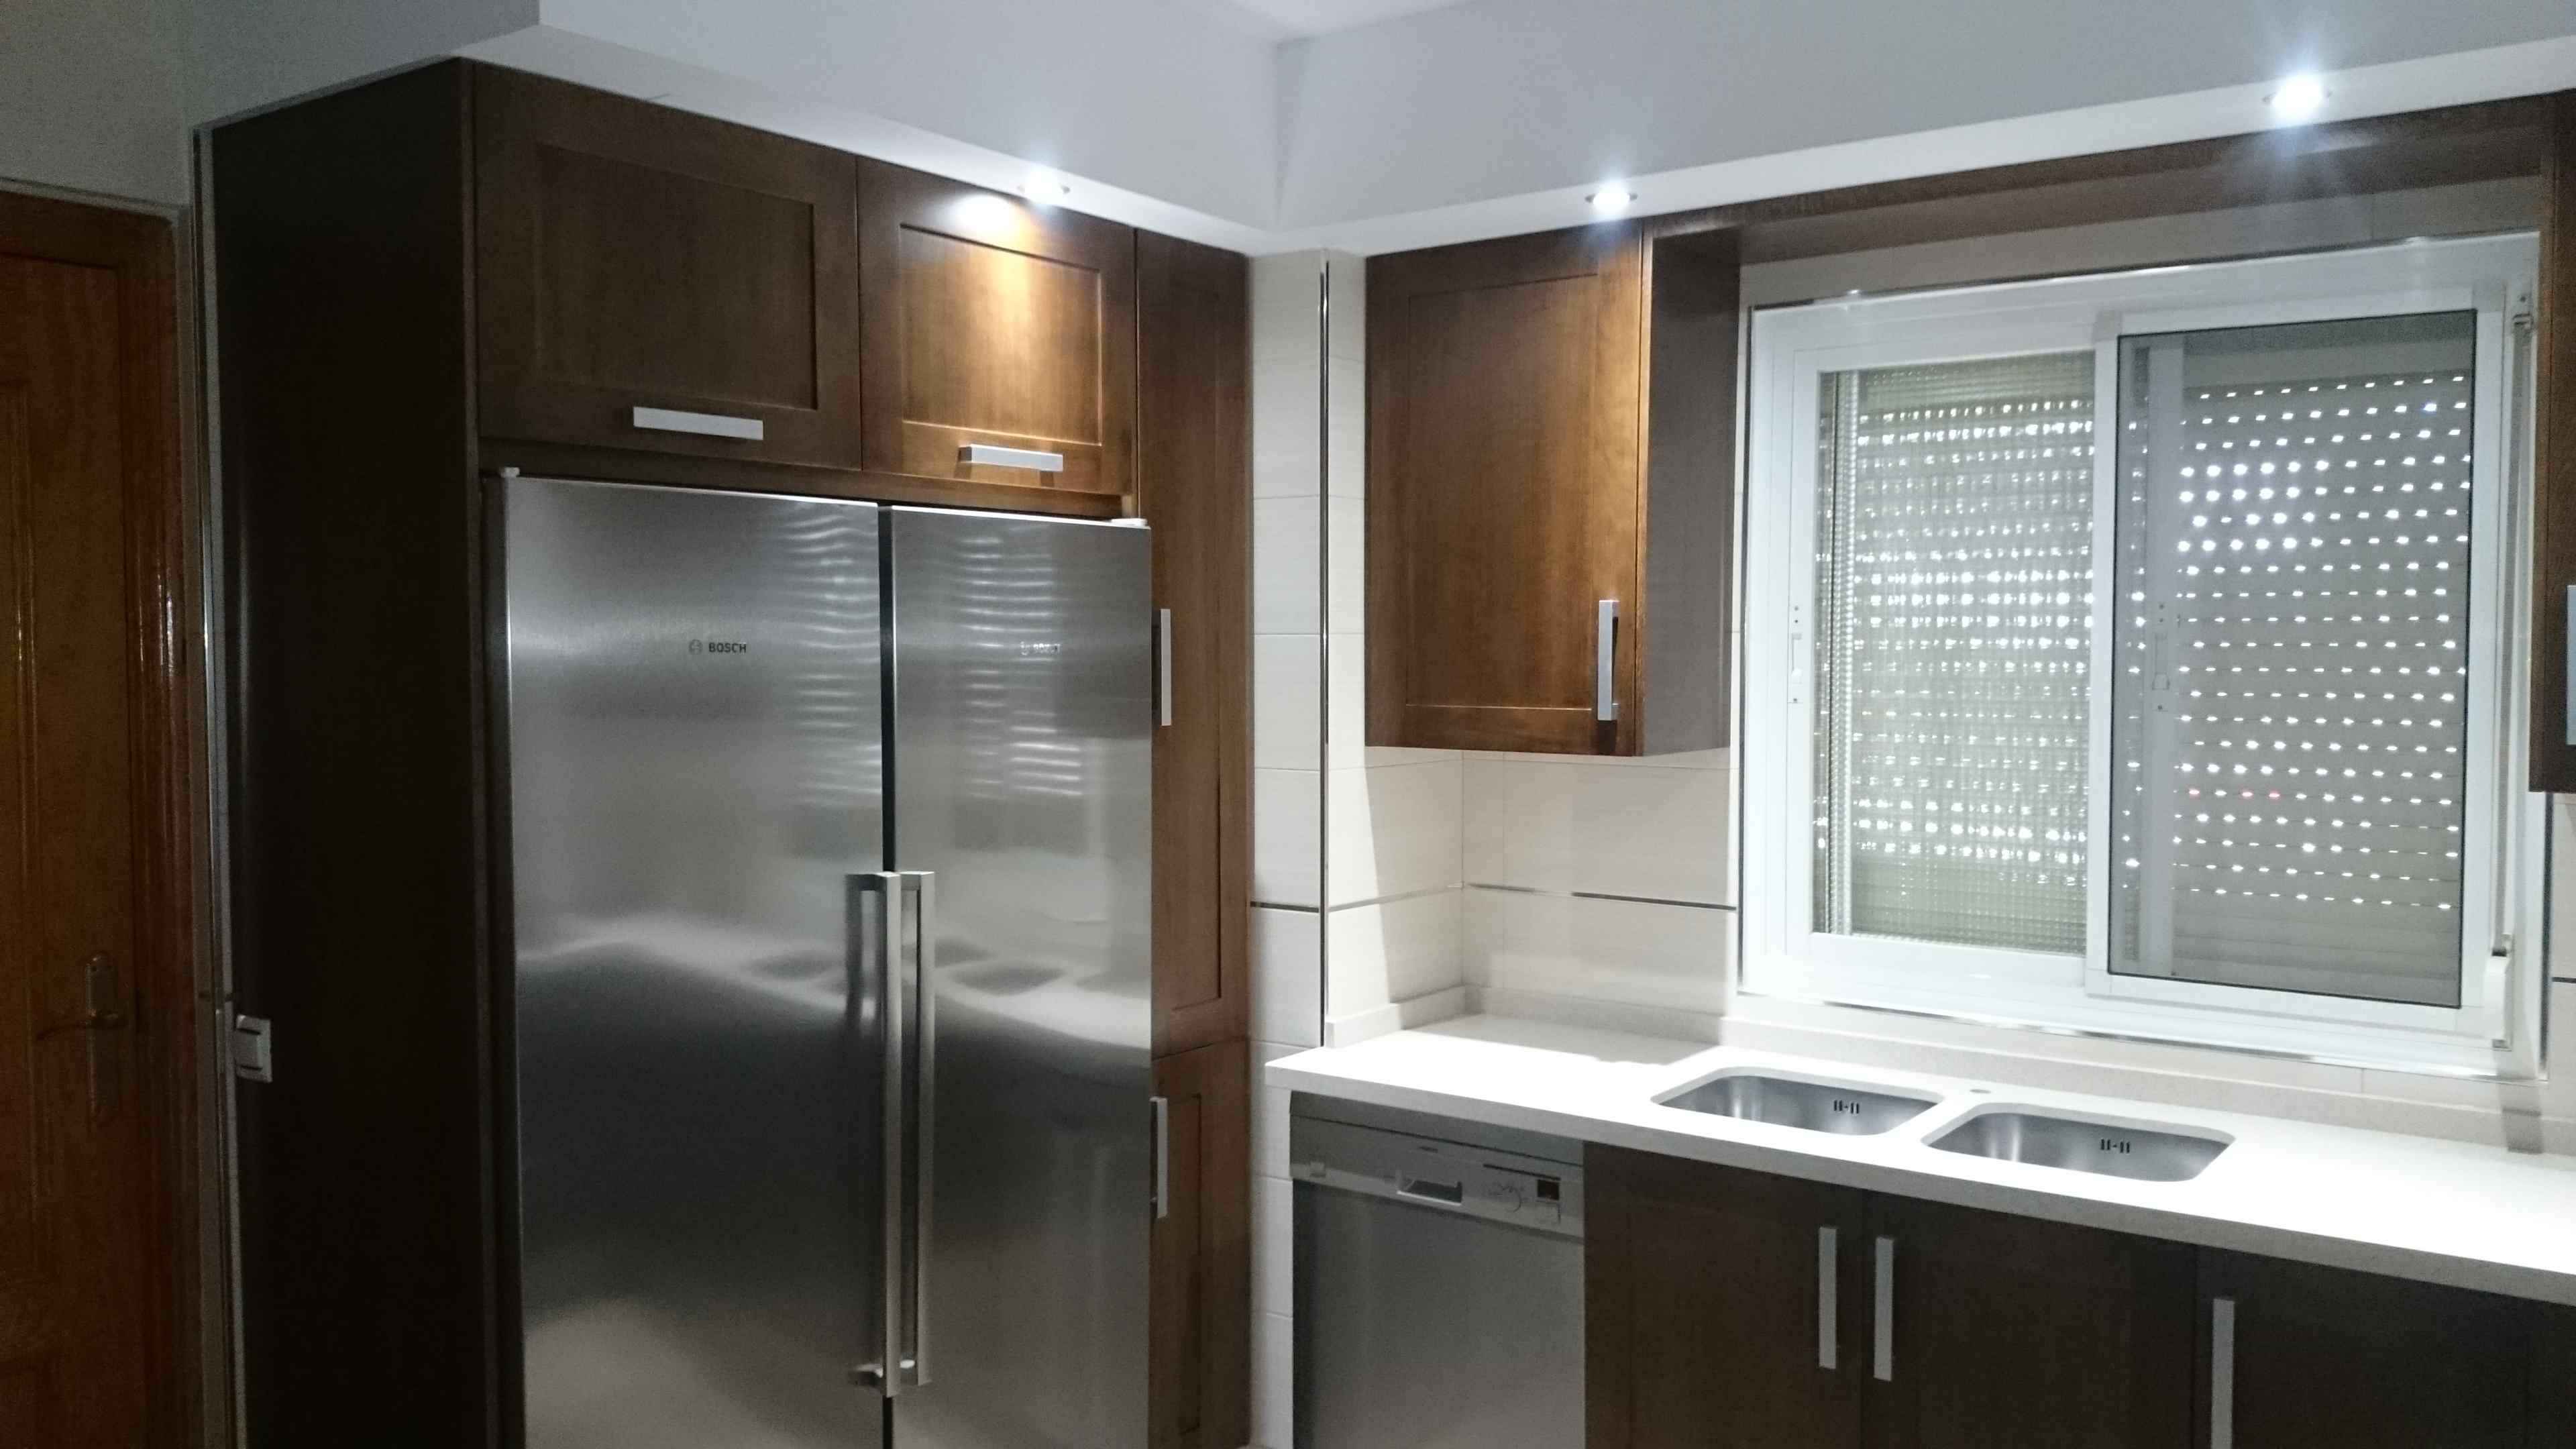 Mueble De Cocina Nogal Habano : Cocinas color nogal amazing with